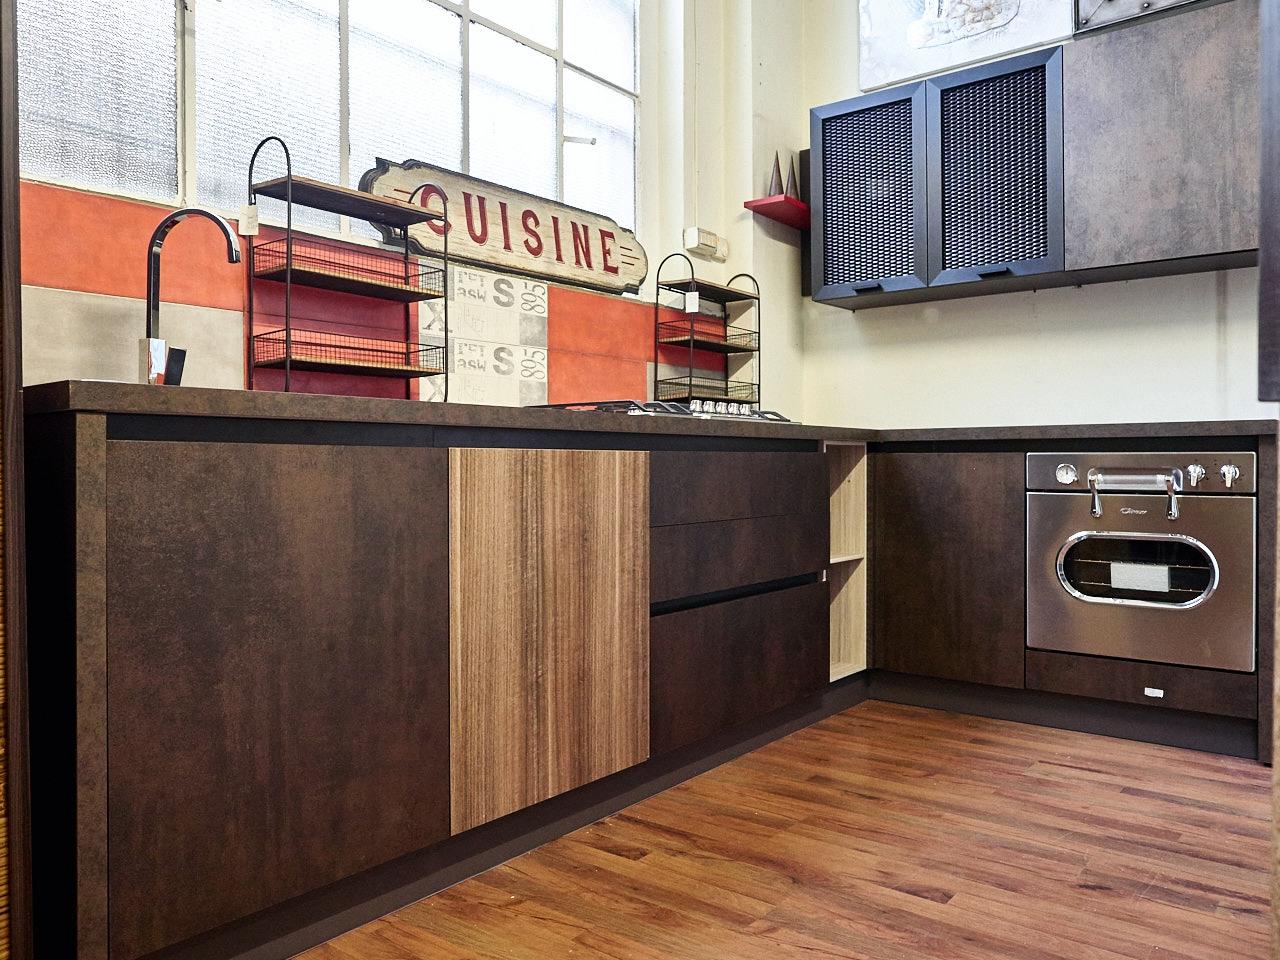 Cucina moderna con gola industry seta bronzo ossido in for Cucina angolare moderna prezzi